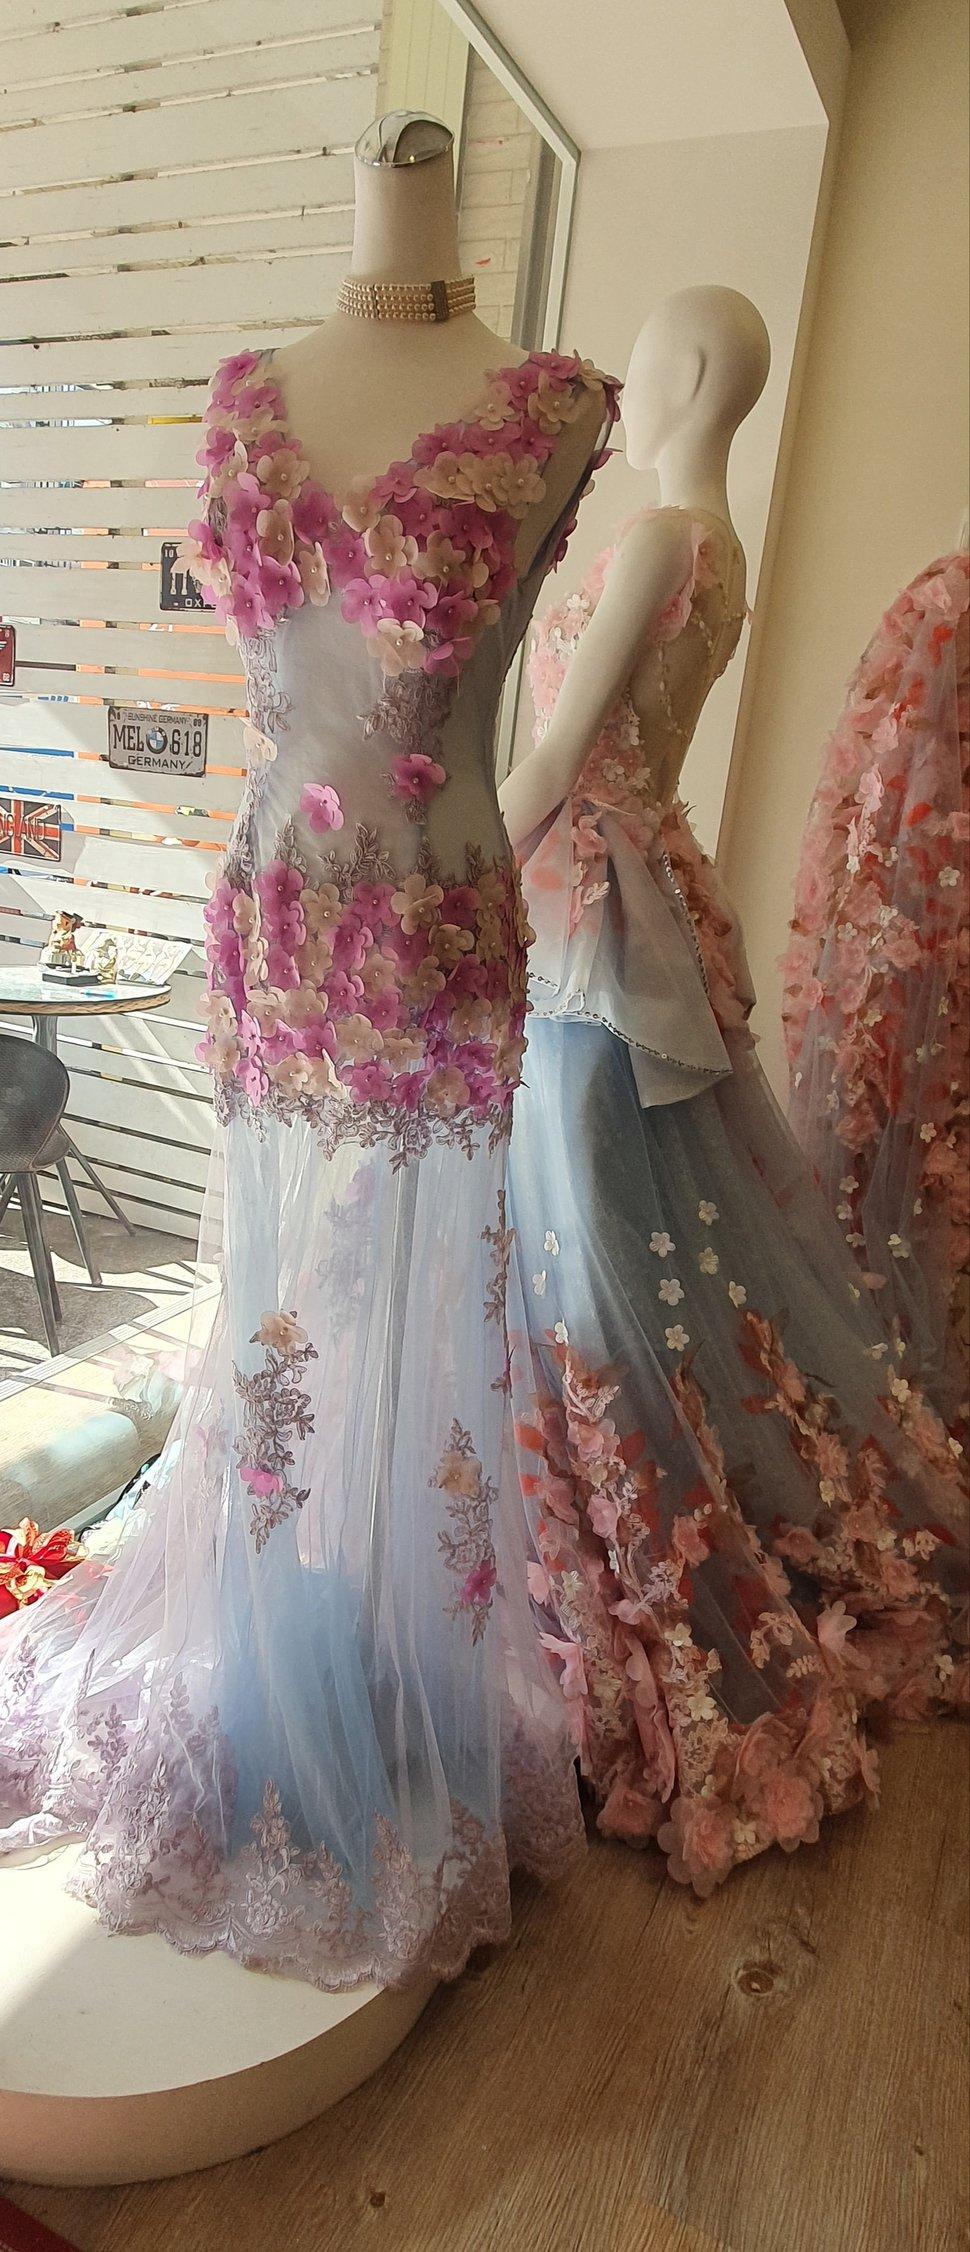 20200204_145714 - 全台最便宜-45DESIGN四五婚紗禮服《結婚吧》